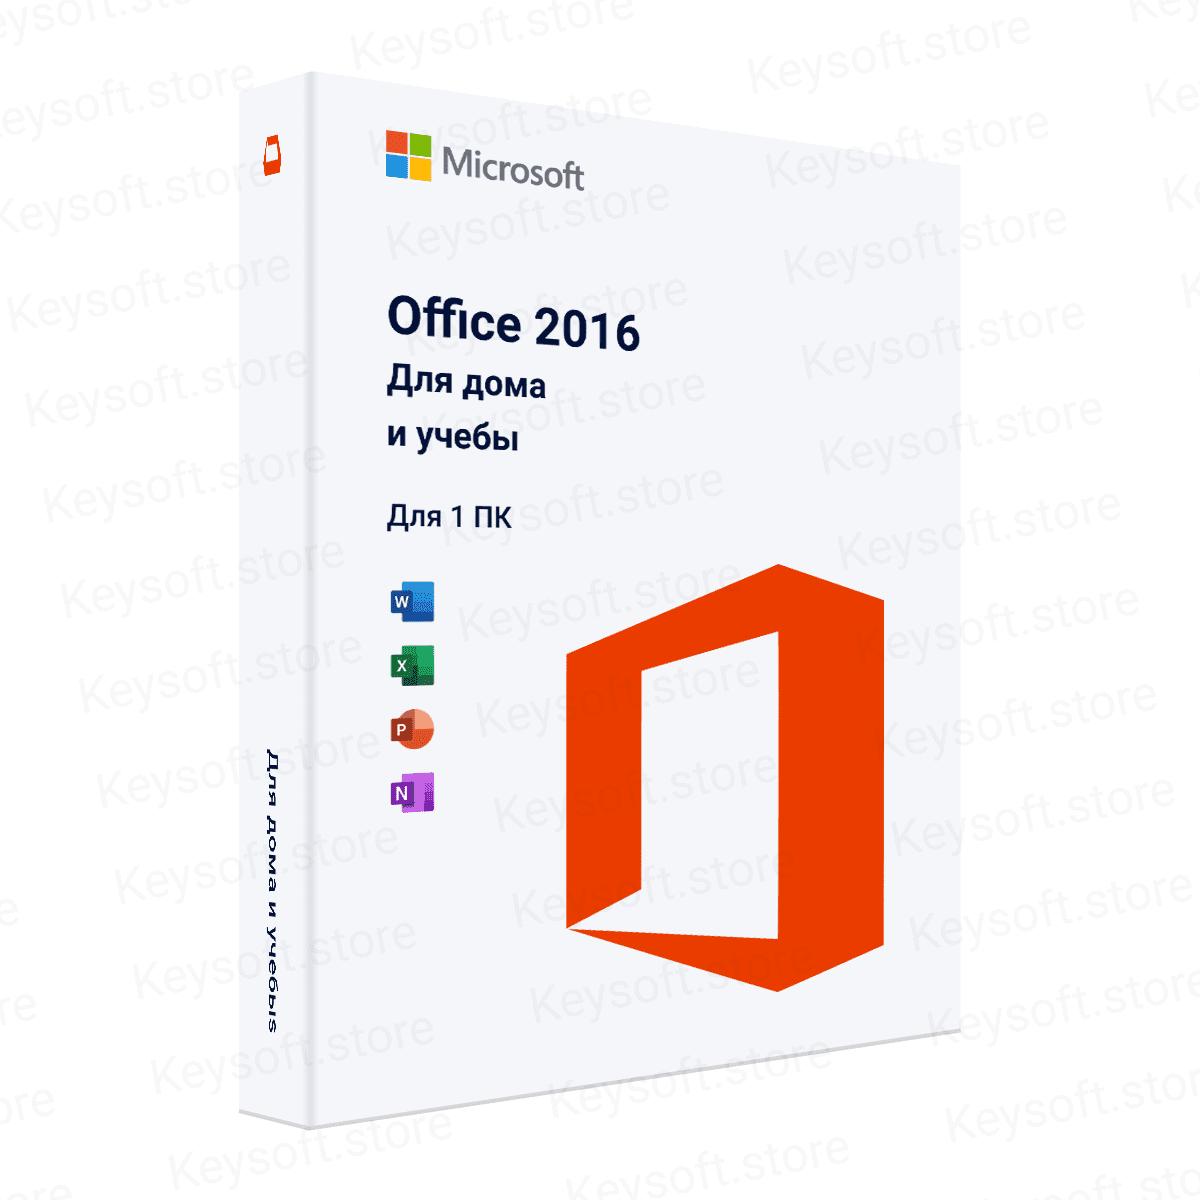 Office 2016 Для Дома и Учебы